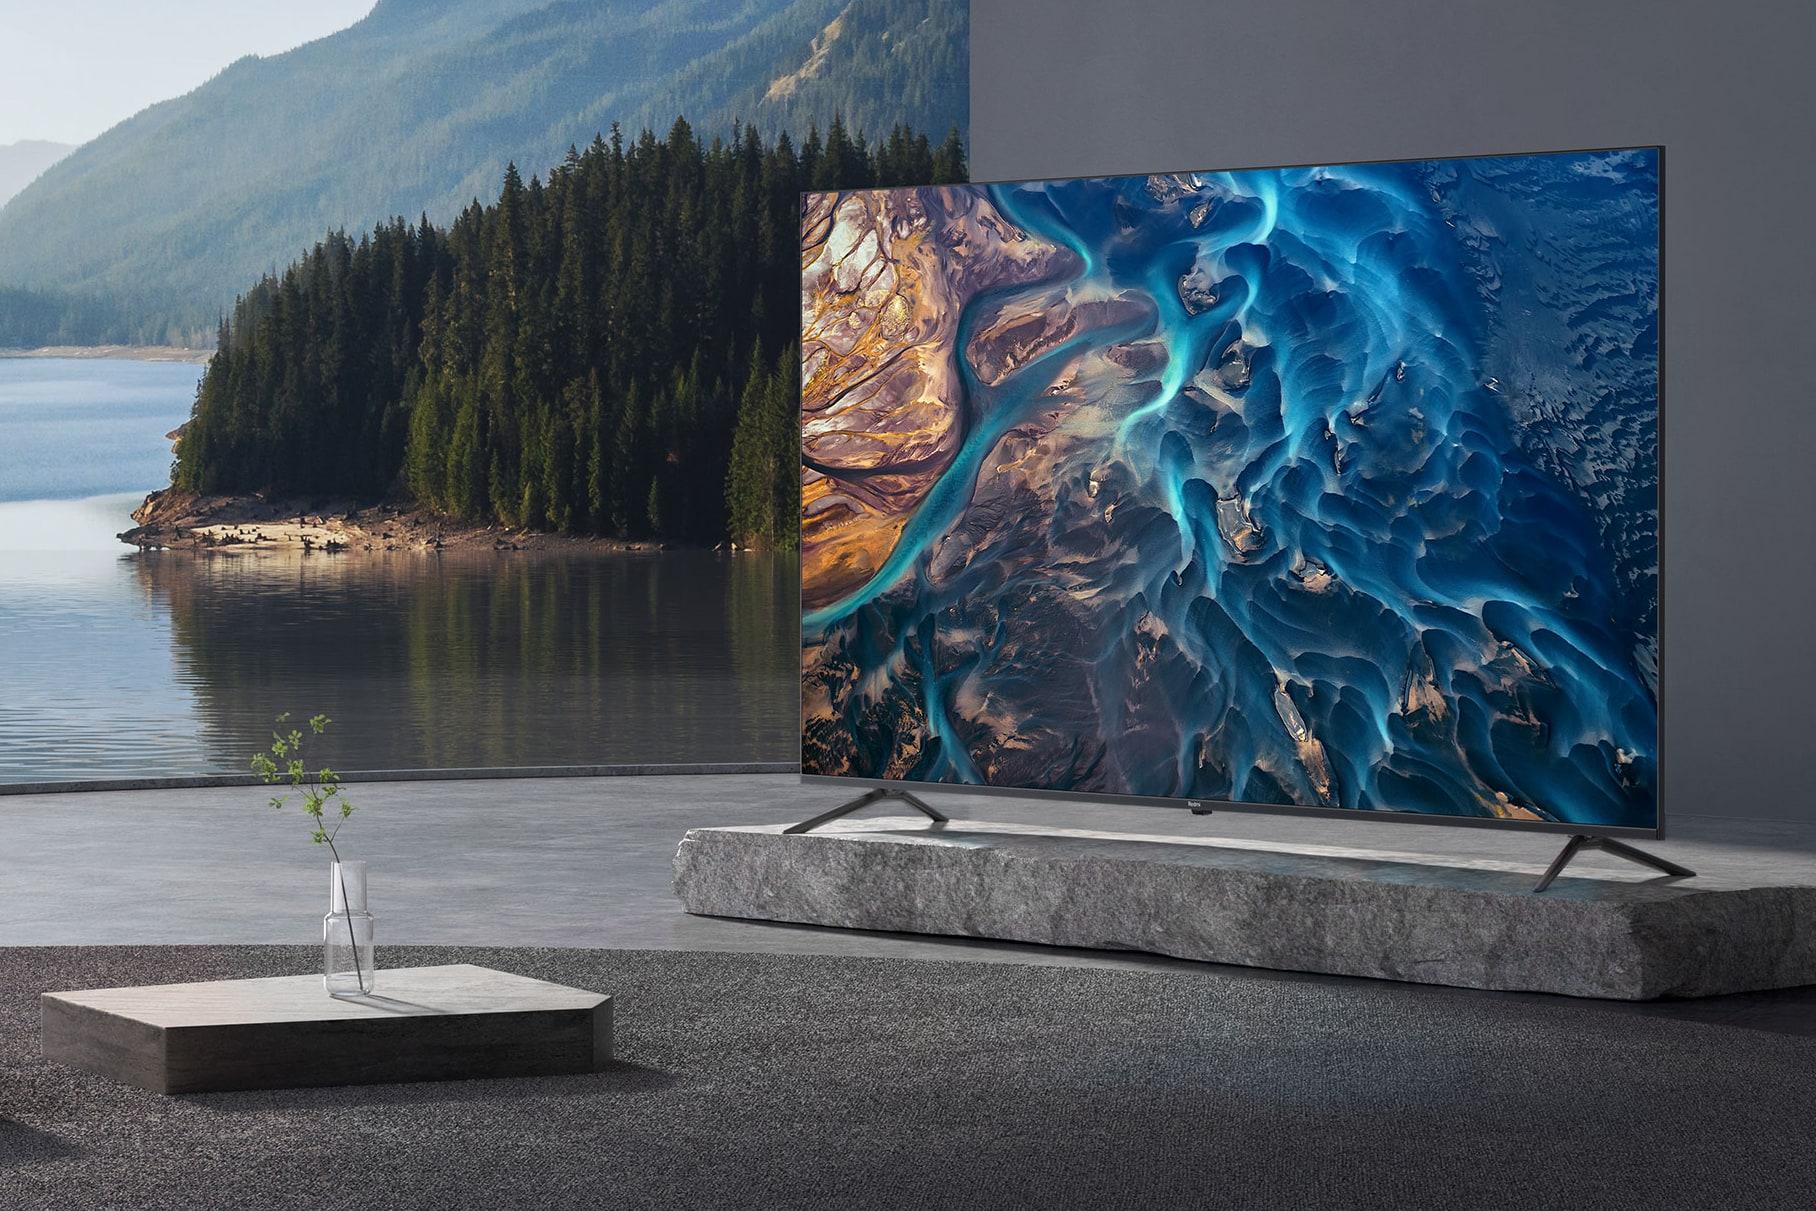 Xiaomi представила 86-дюймовый телевизор Redmi MAX TV 86 с частотой обновления 120 Гц